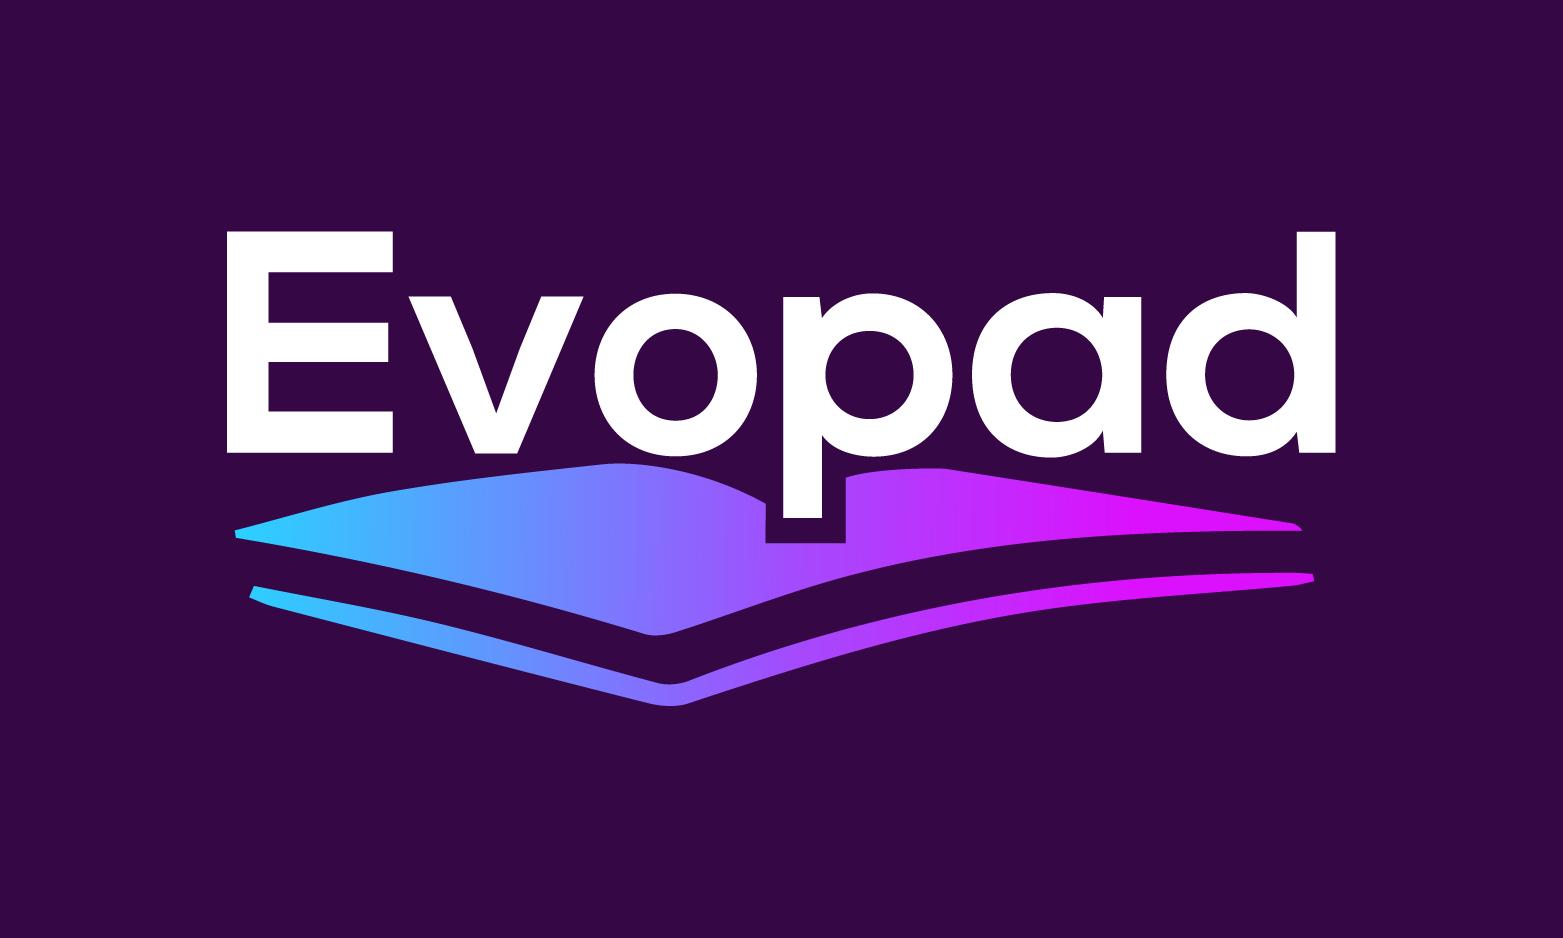 Evopad.com